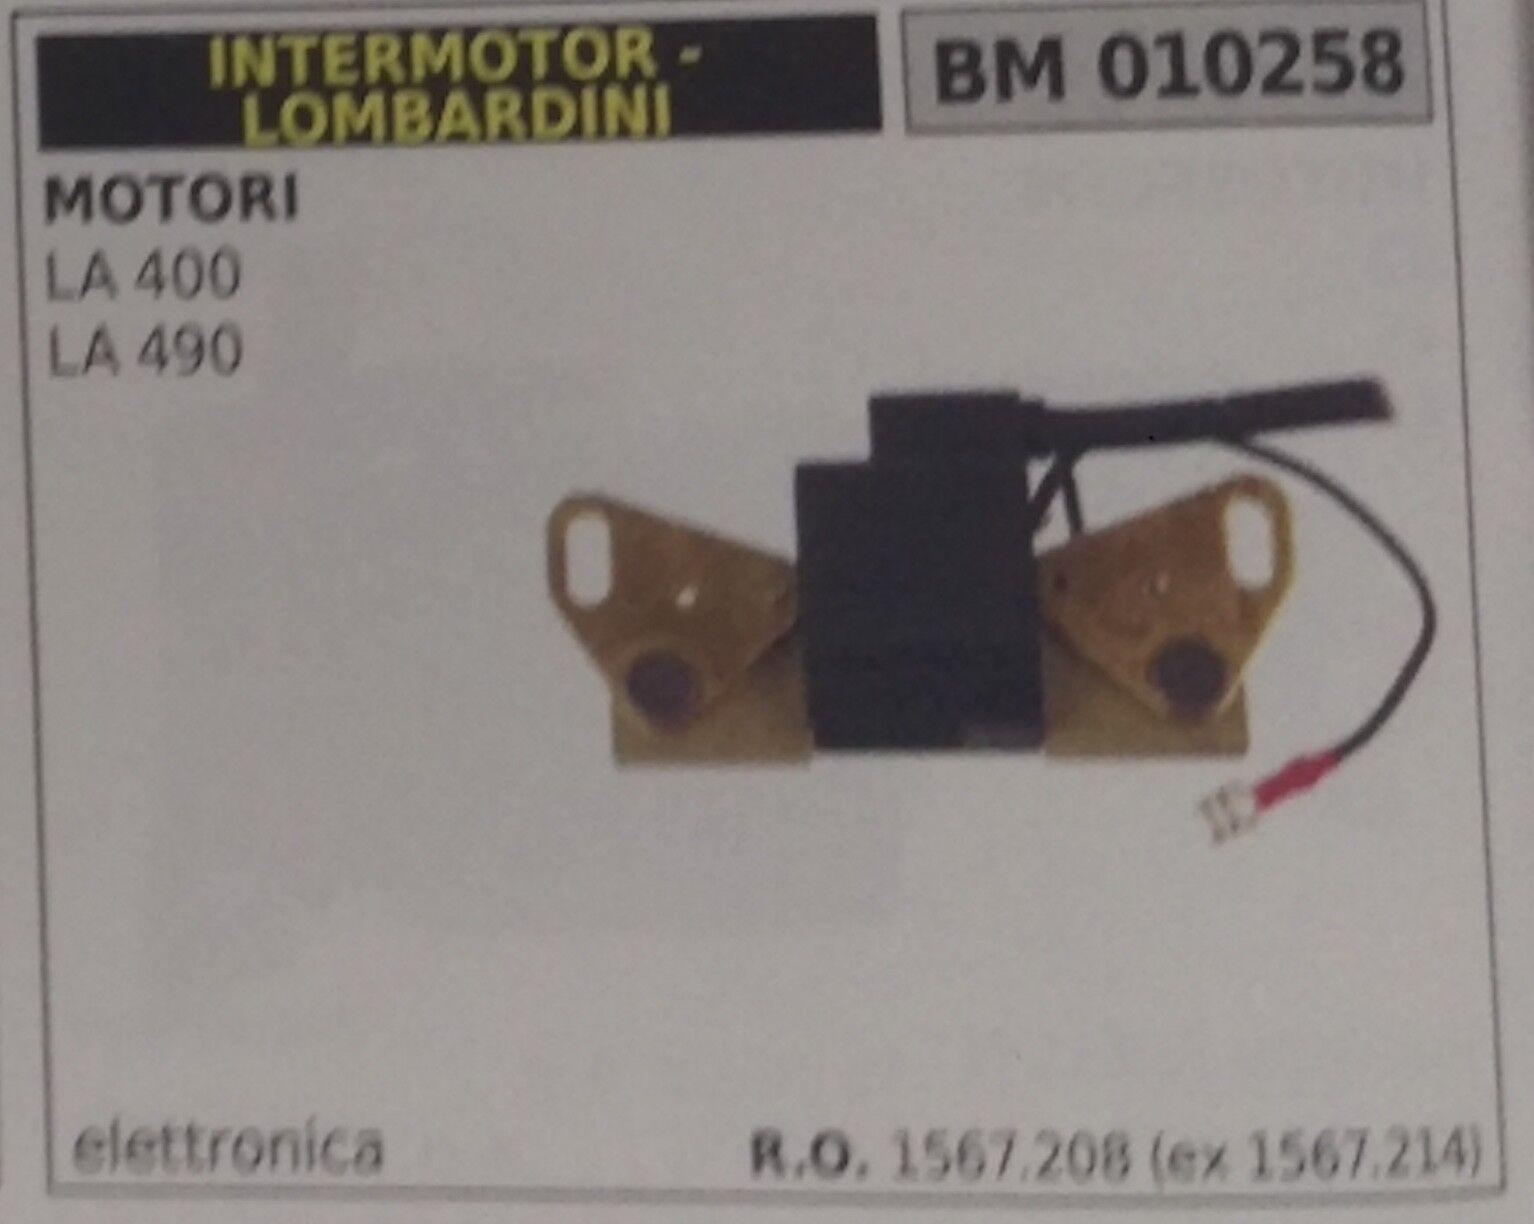 1567208 1567214 BOBINA ELETTRONICA MOTORE INTERMOTOR LOMBARDINI LA400 LA490